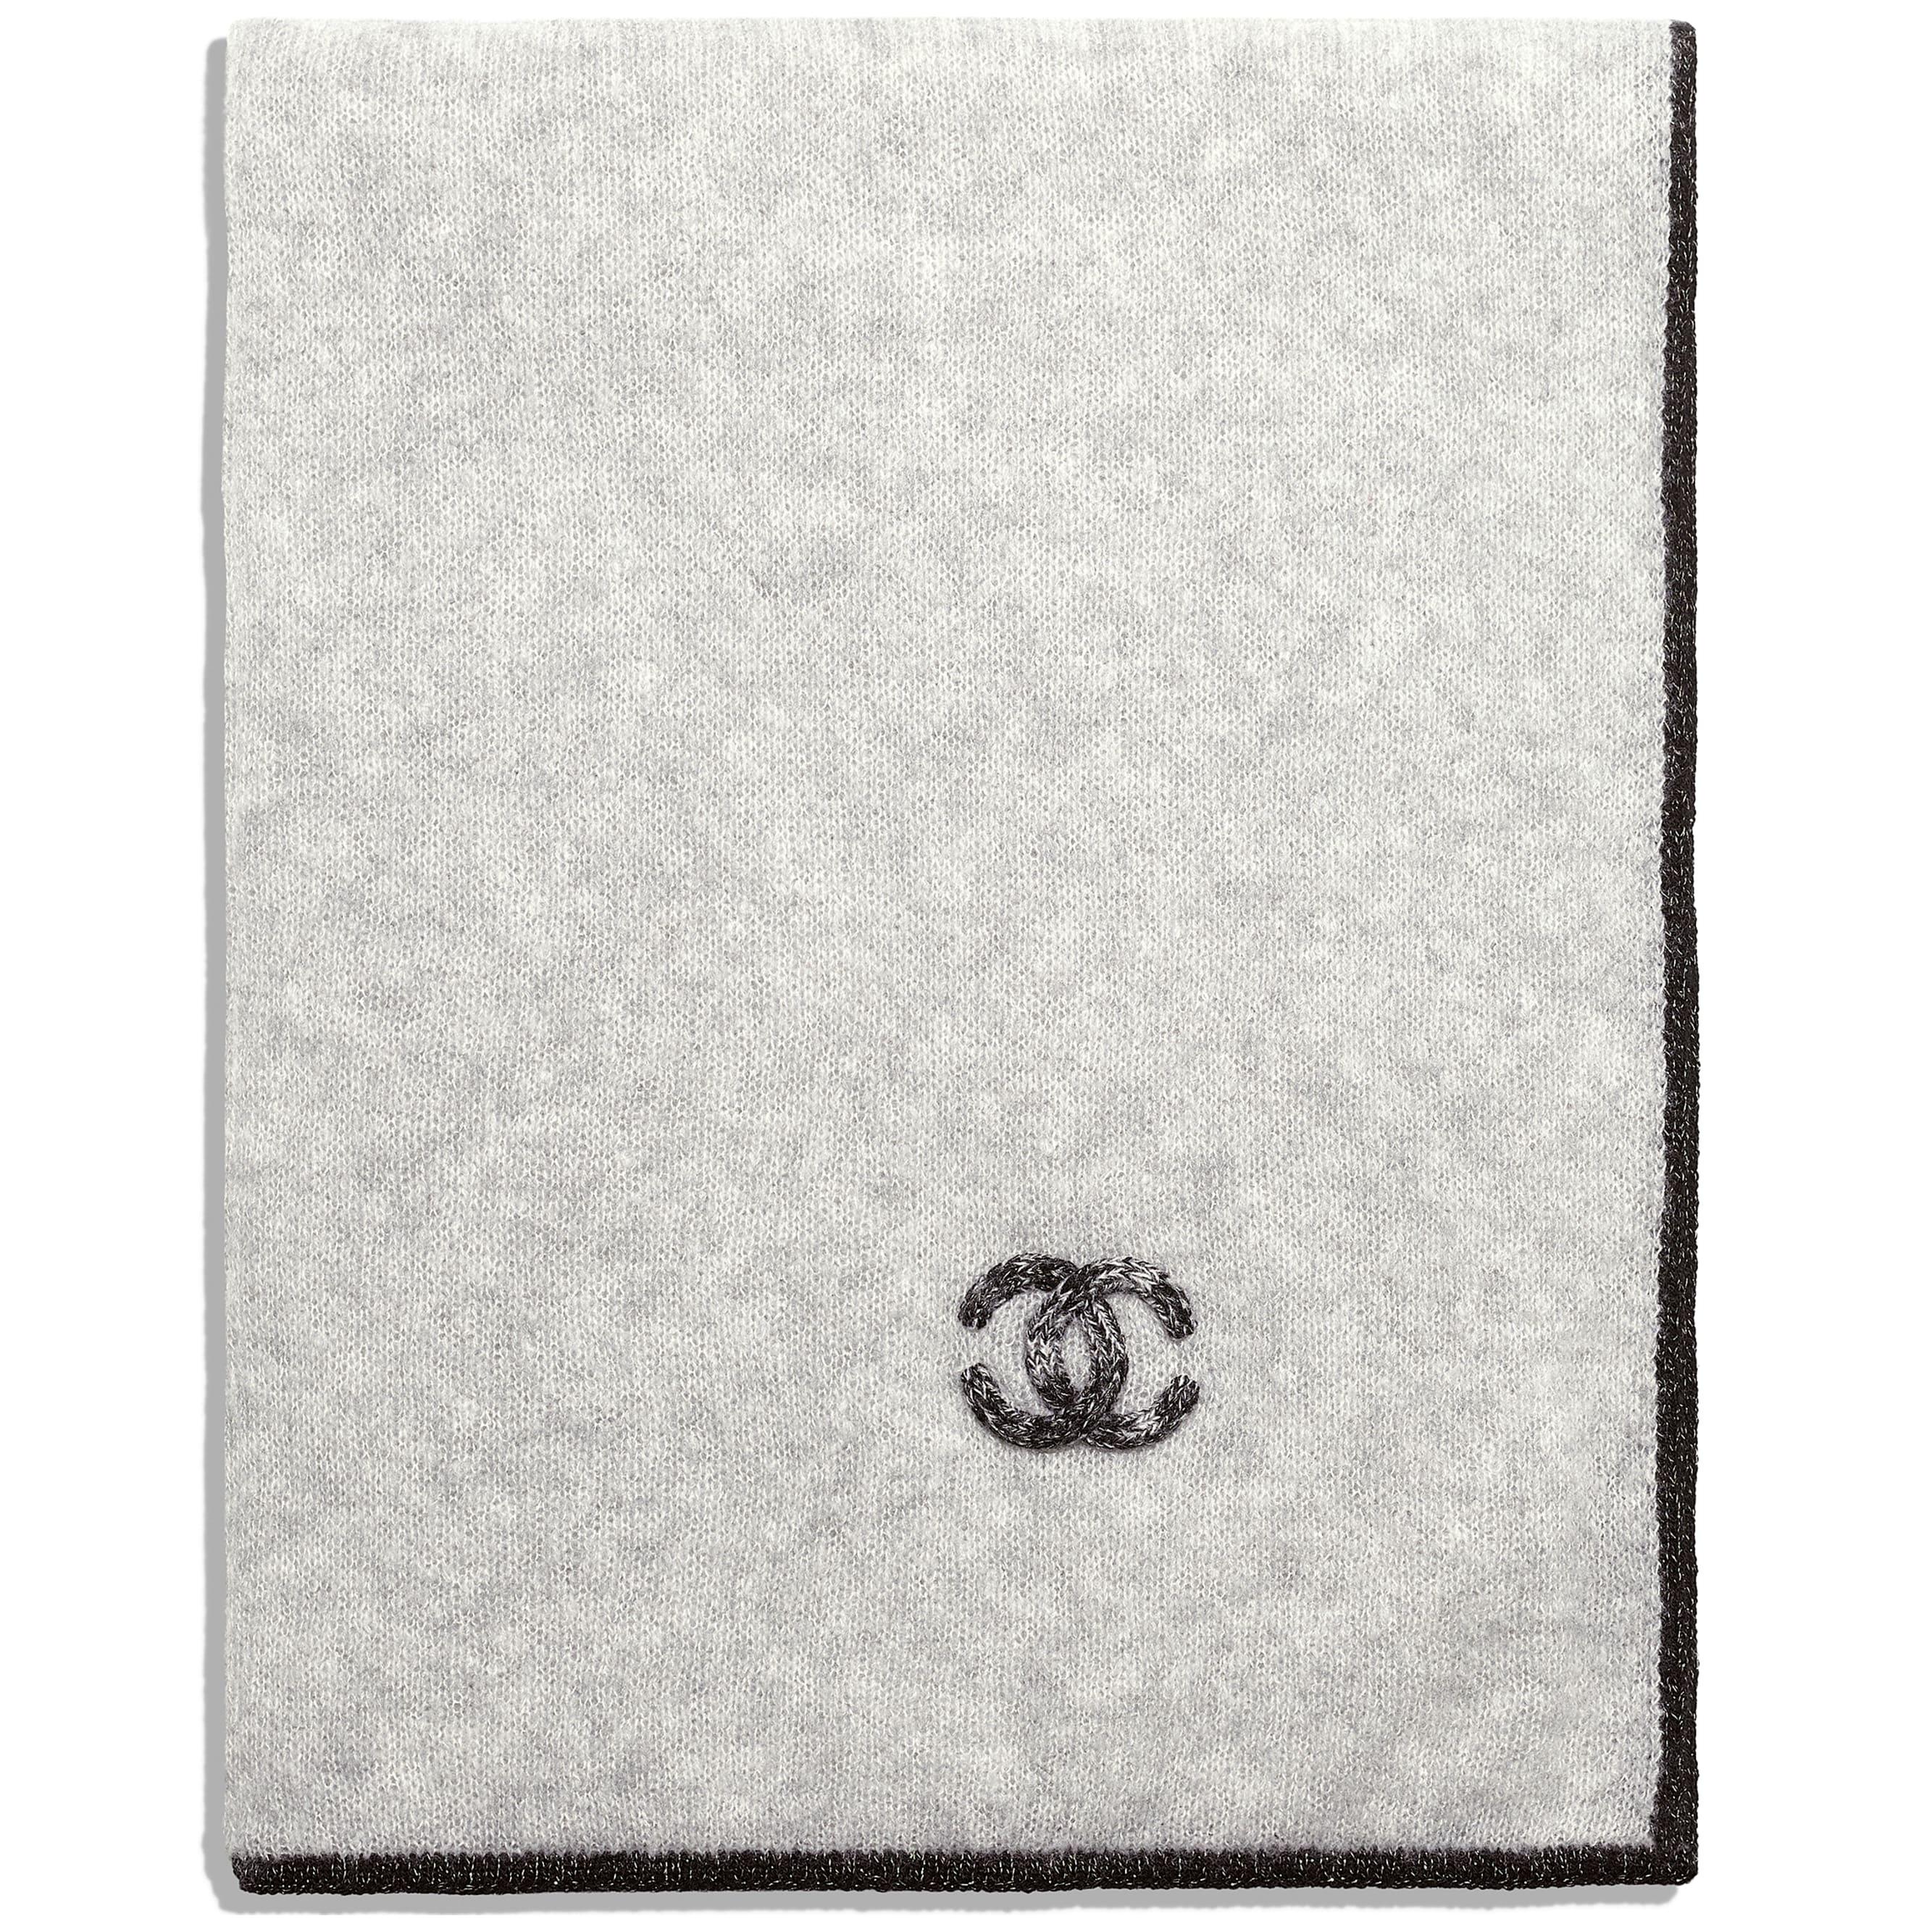 ผ้าพันคอ - สีเทา - ผ้าแคชเมียร์และผ้าไหม - มุมมองทางอื่น - ดูเวอร์ชันขนาดมาตรฐาน